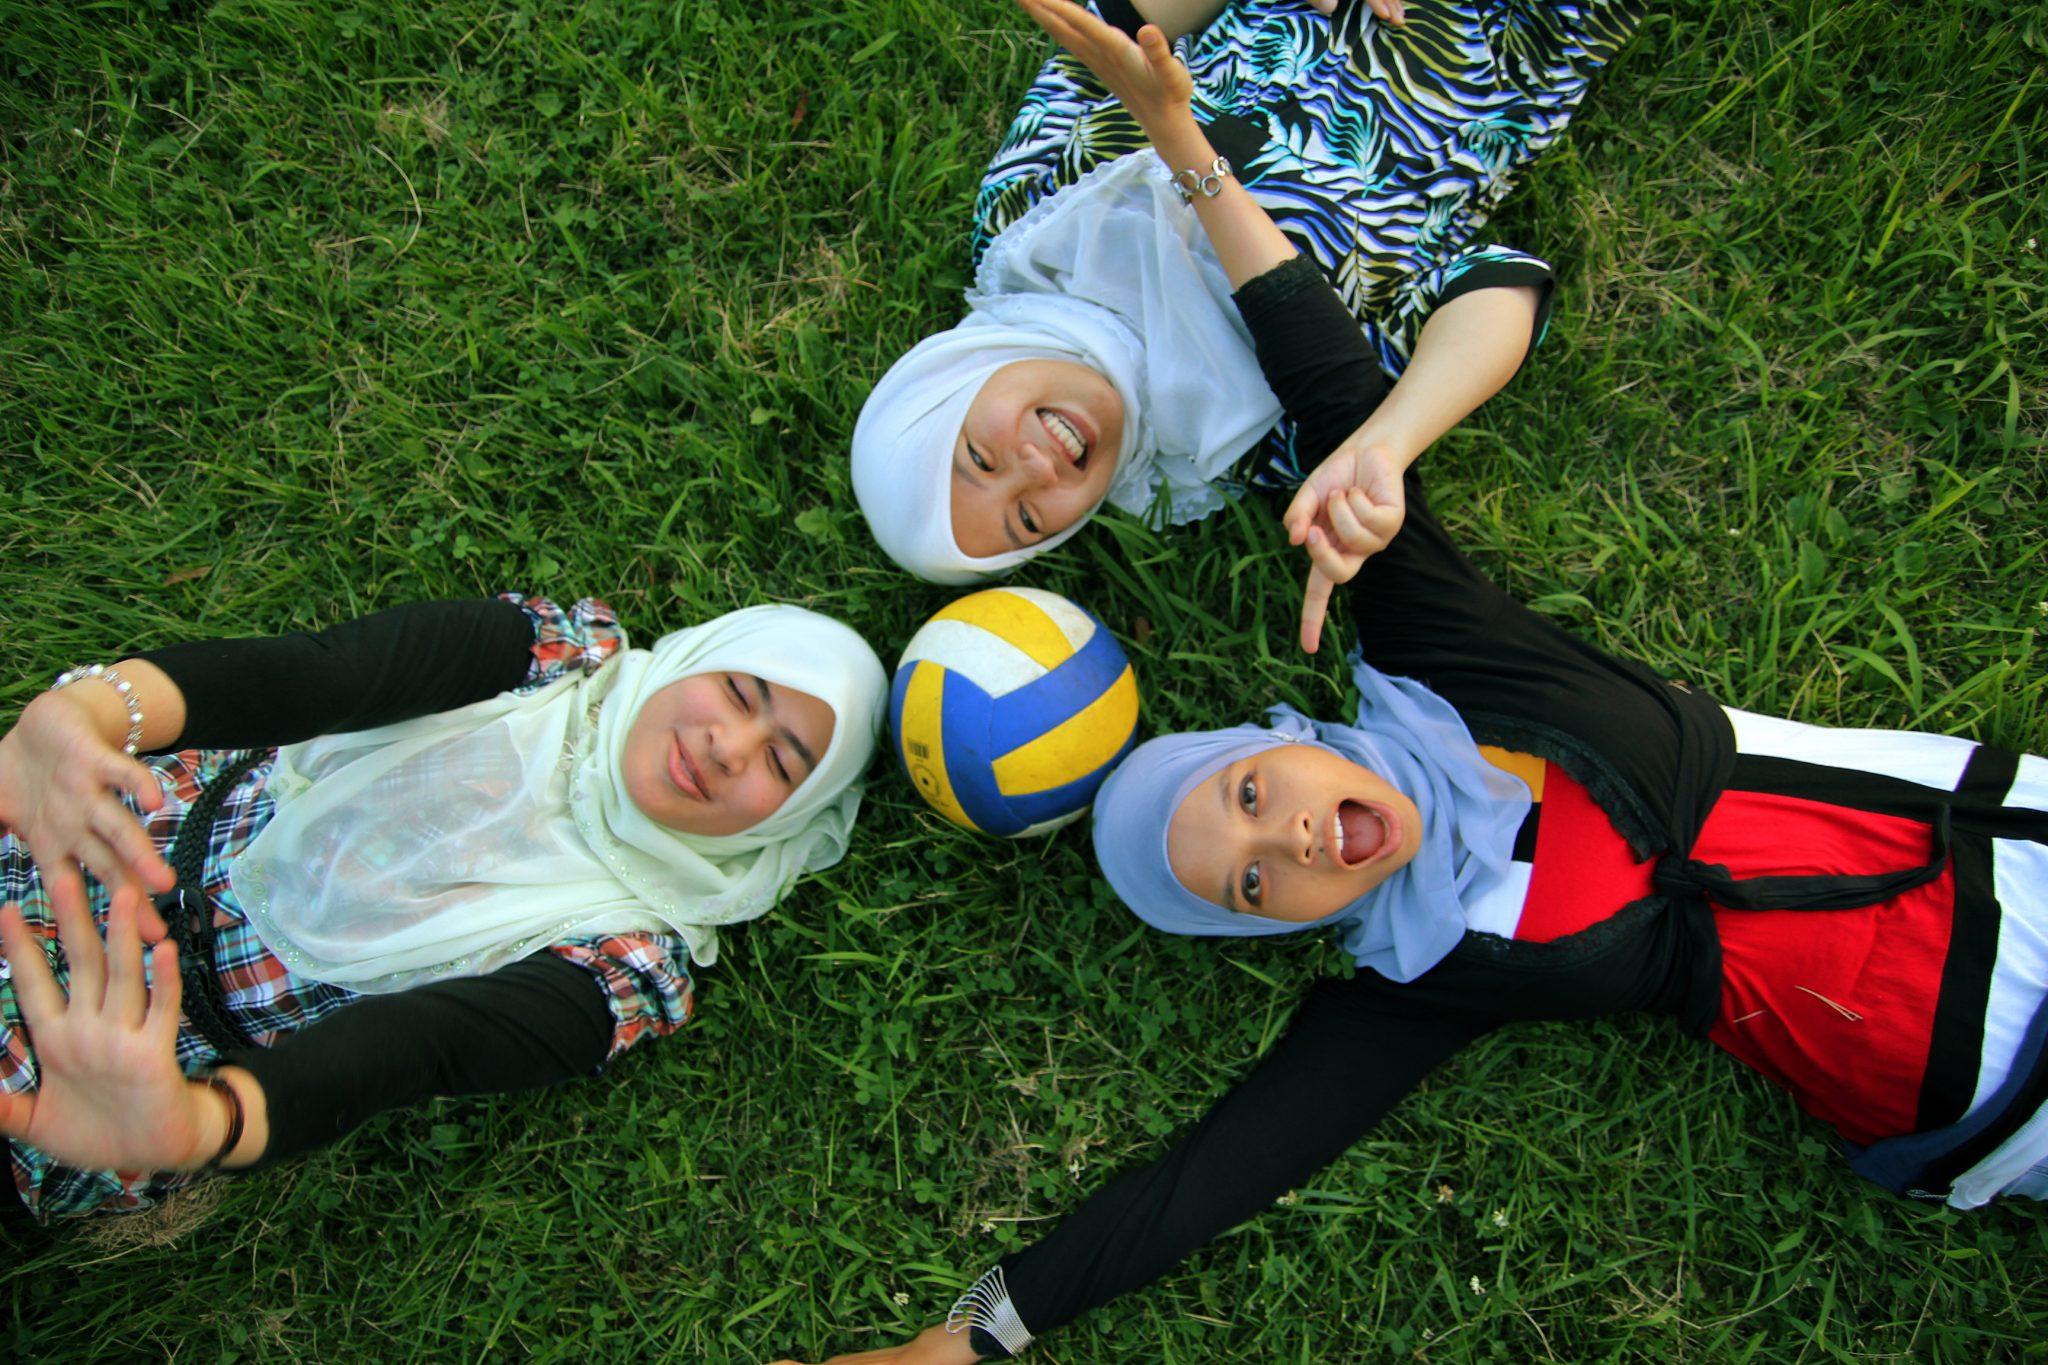 muslim teenage girls